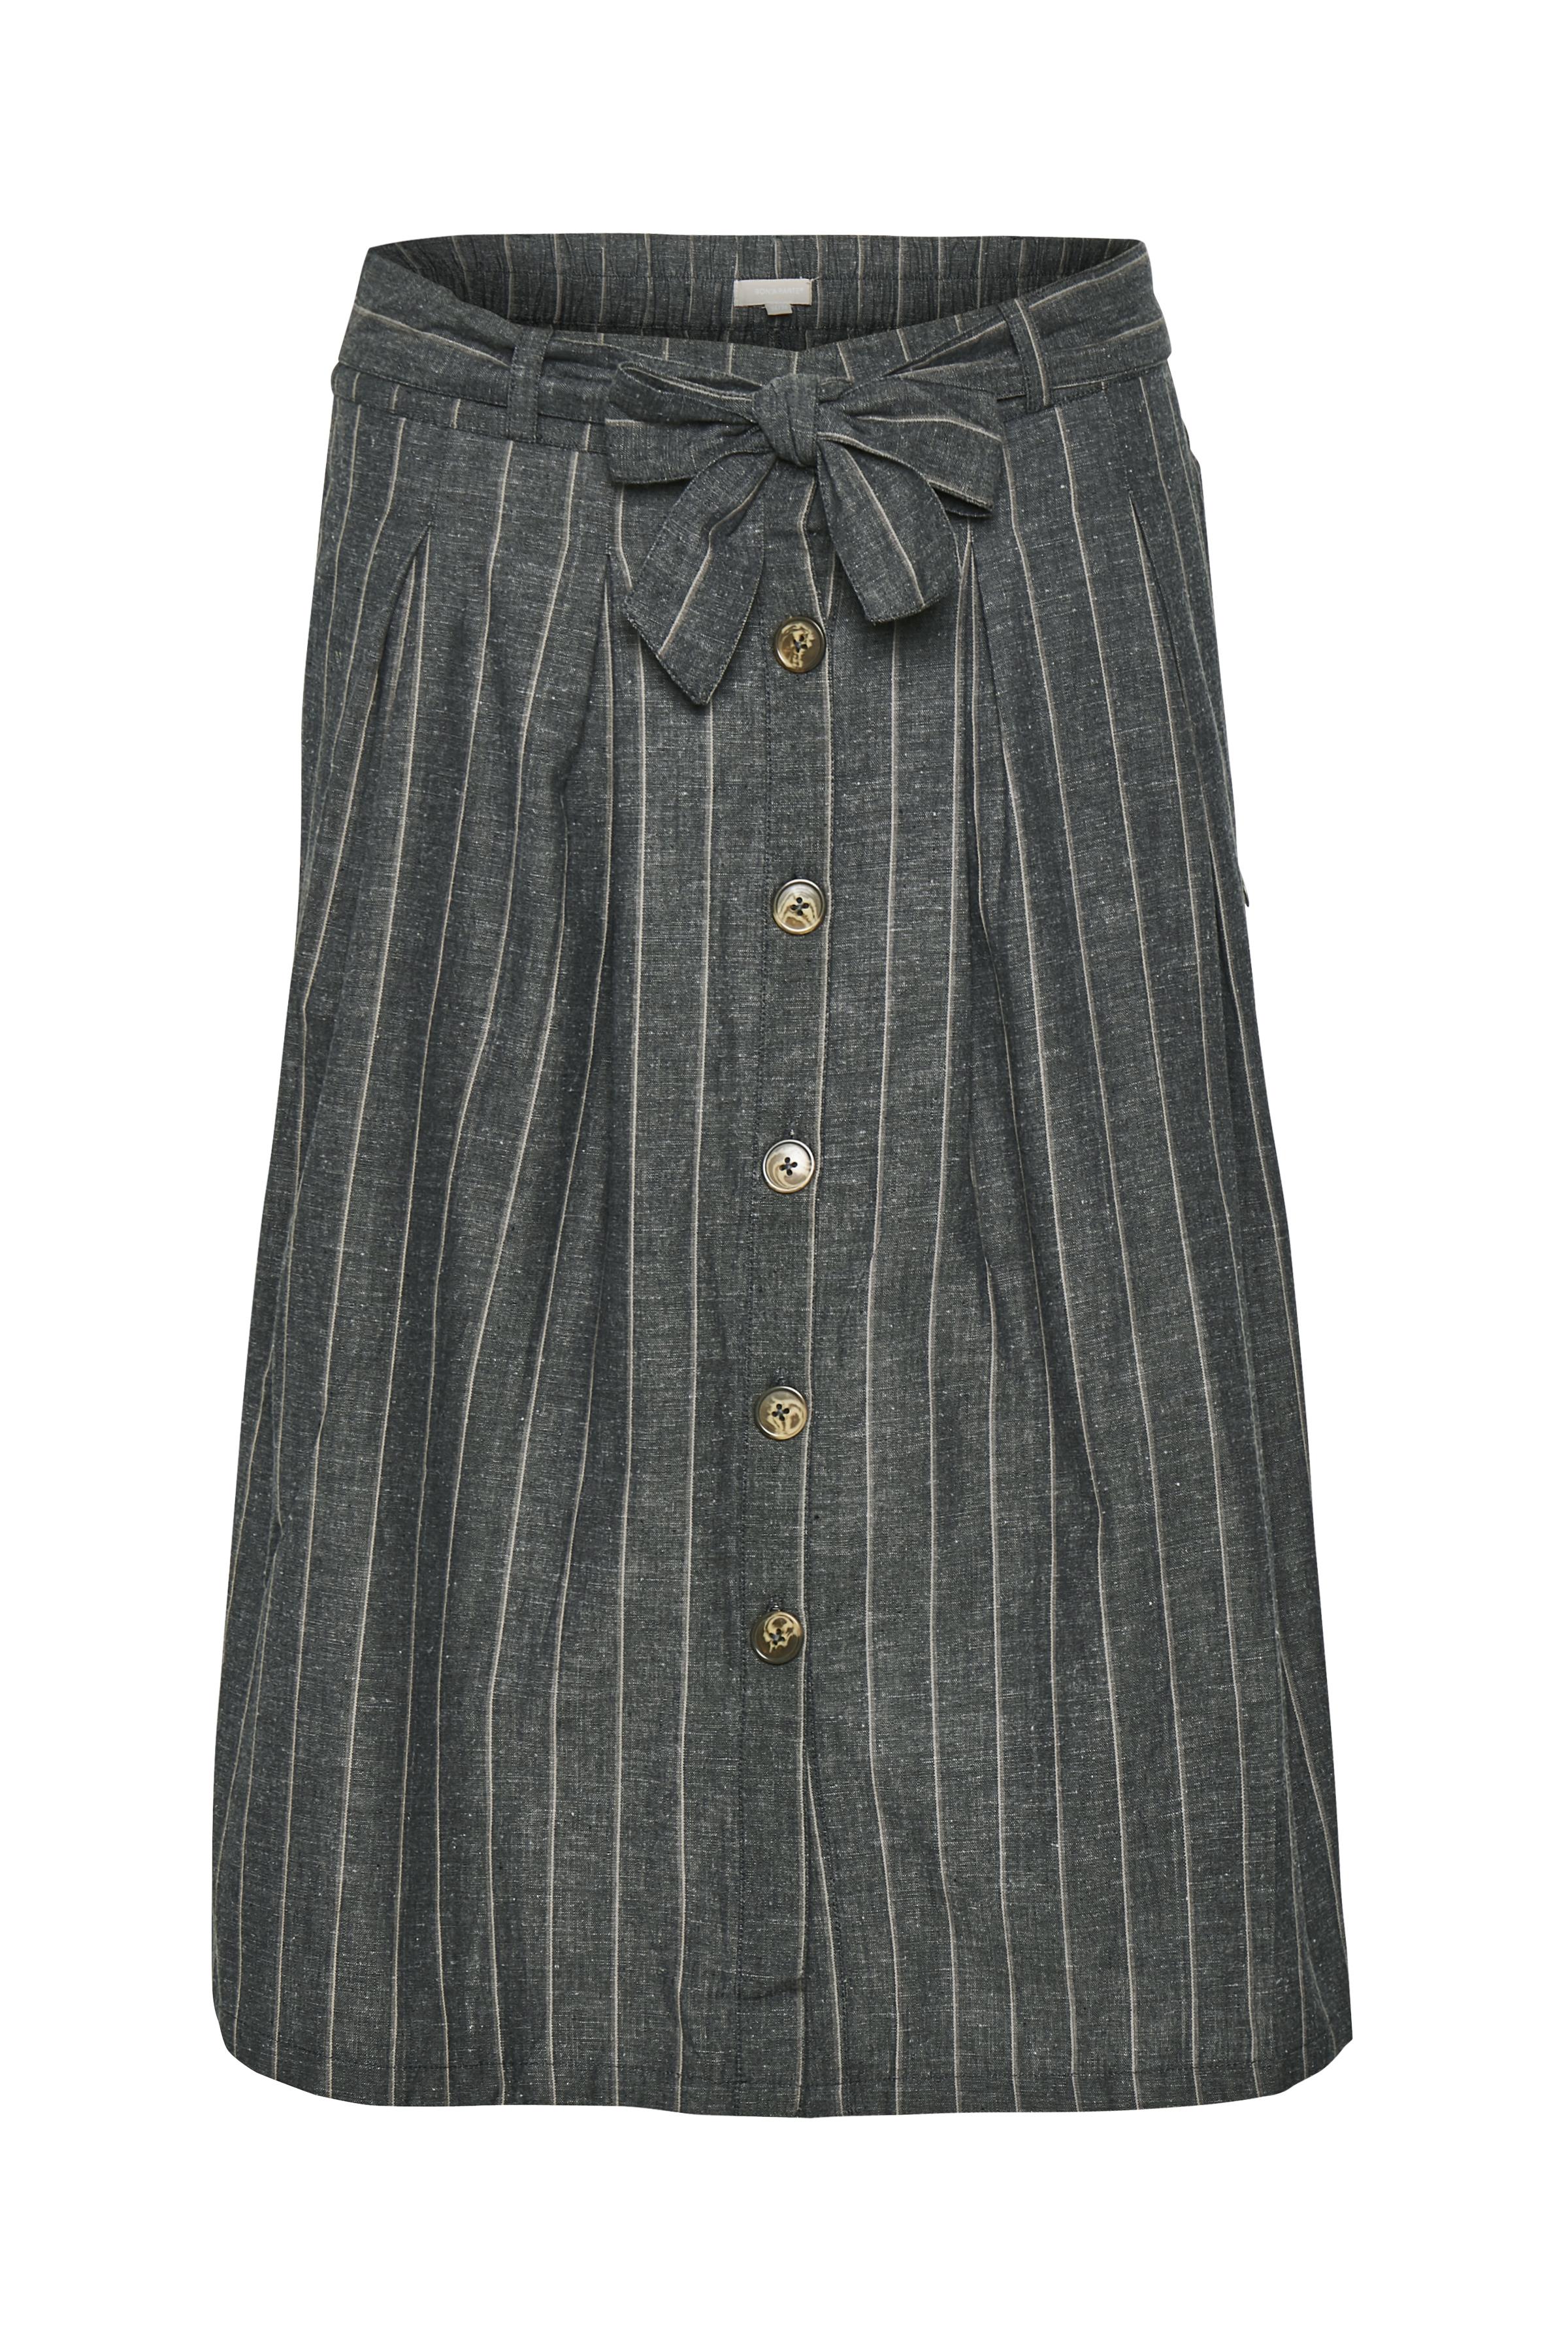 Bon'A Parte Dame BON'A PARTE nederdel med fast linning foran - elastik bagtil. Bæltestropper samt aftageligt bindebånd i taljen. Nederdelen  - Koksgrå/grå